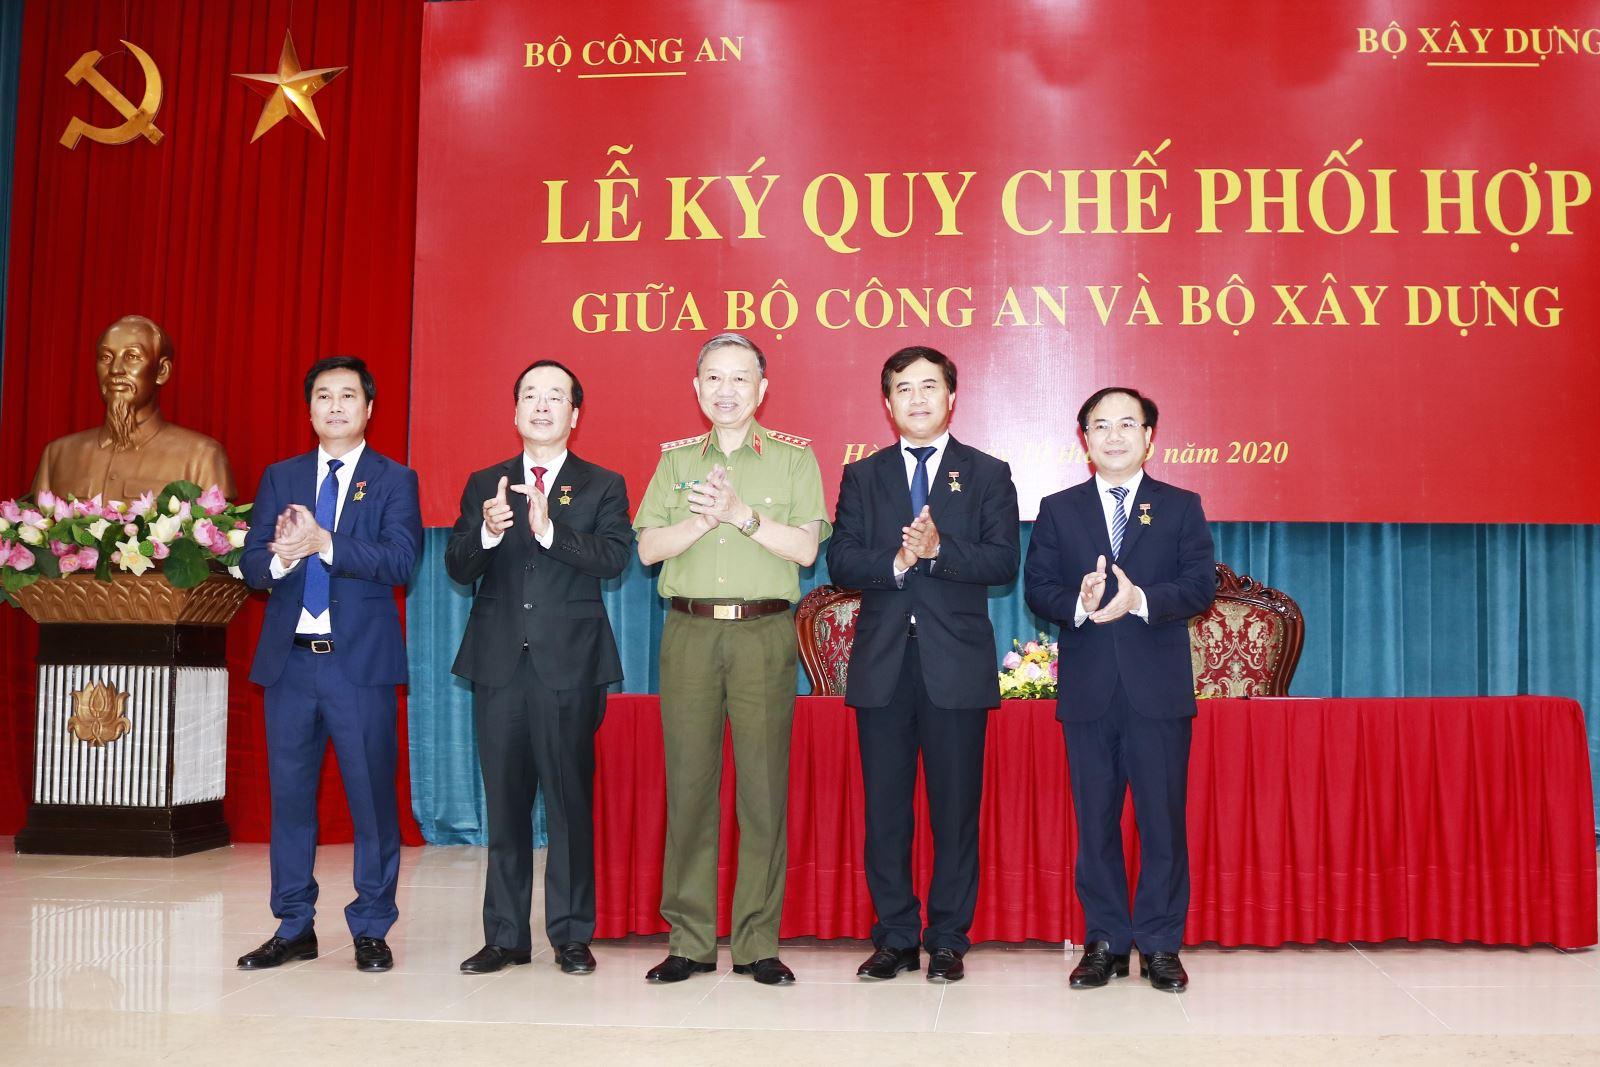 Bộ trưởng Tô Lâm trao tặng Kỷ niệm chương Bảo vệ an ninh Tổ quốc cho Bộ trưởng Phạm Hồng Hà và các lãnh đạo Bộ Xây dựng